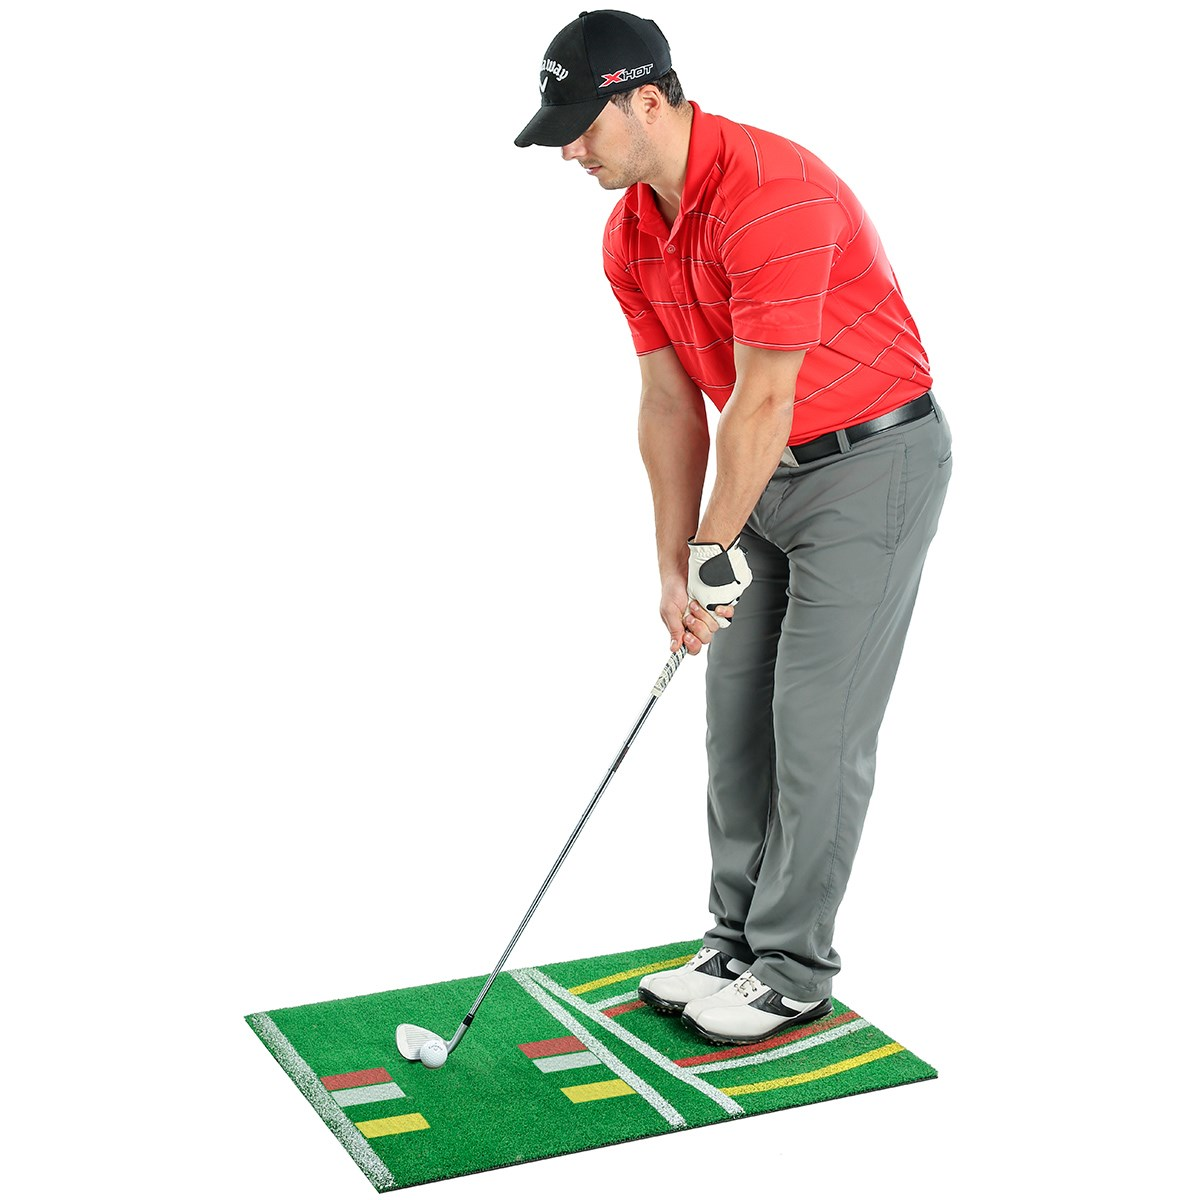 キャロウェイゴルフ(Callaway Golf) ピュアピッチ ヒッティングマット